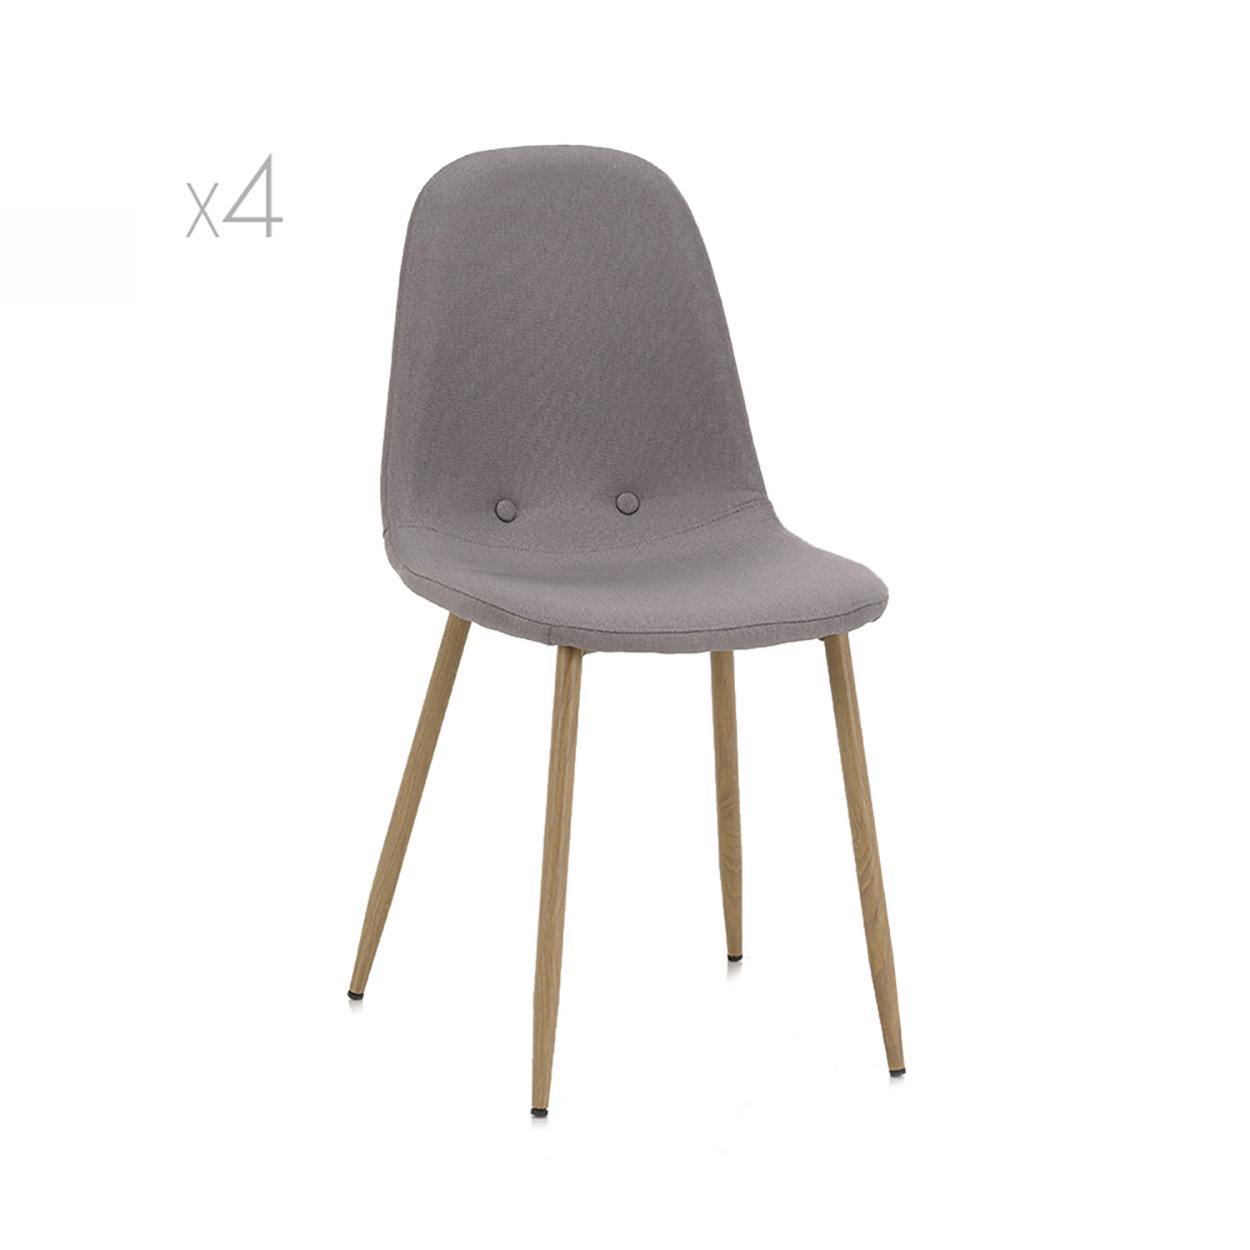 Set 4 sedie DAMASCO, grigio chiaro Speciale sedie Acquista su Ventis.